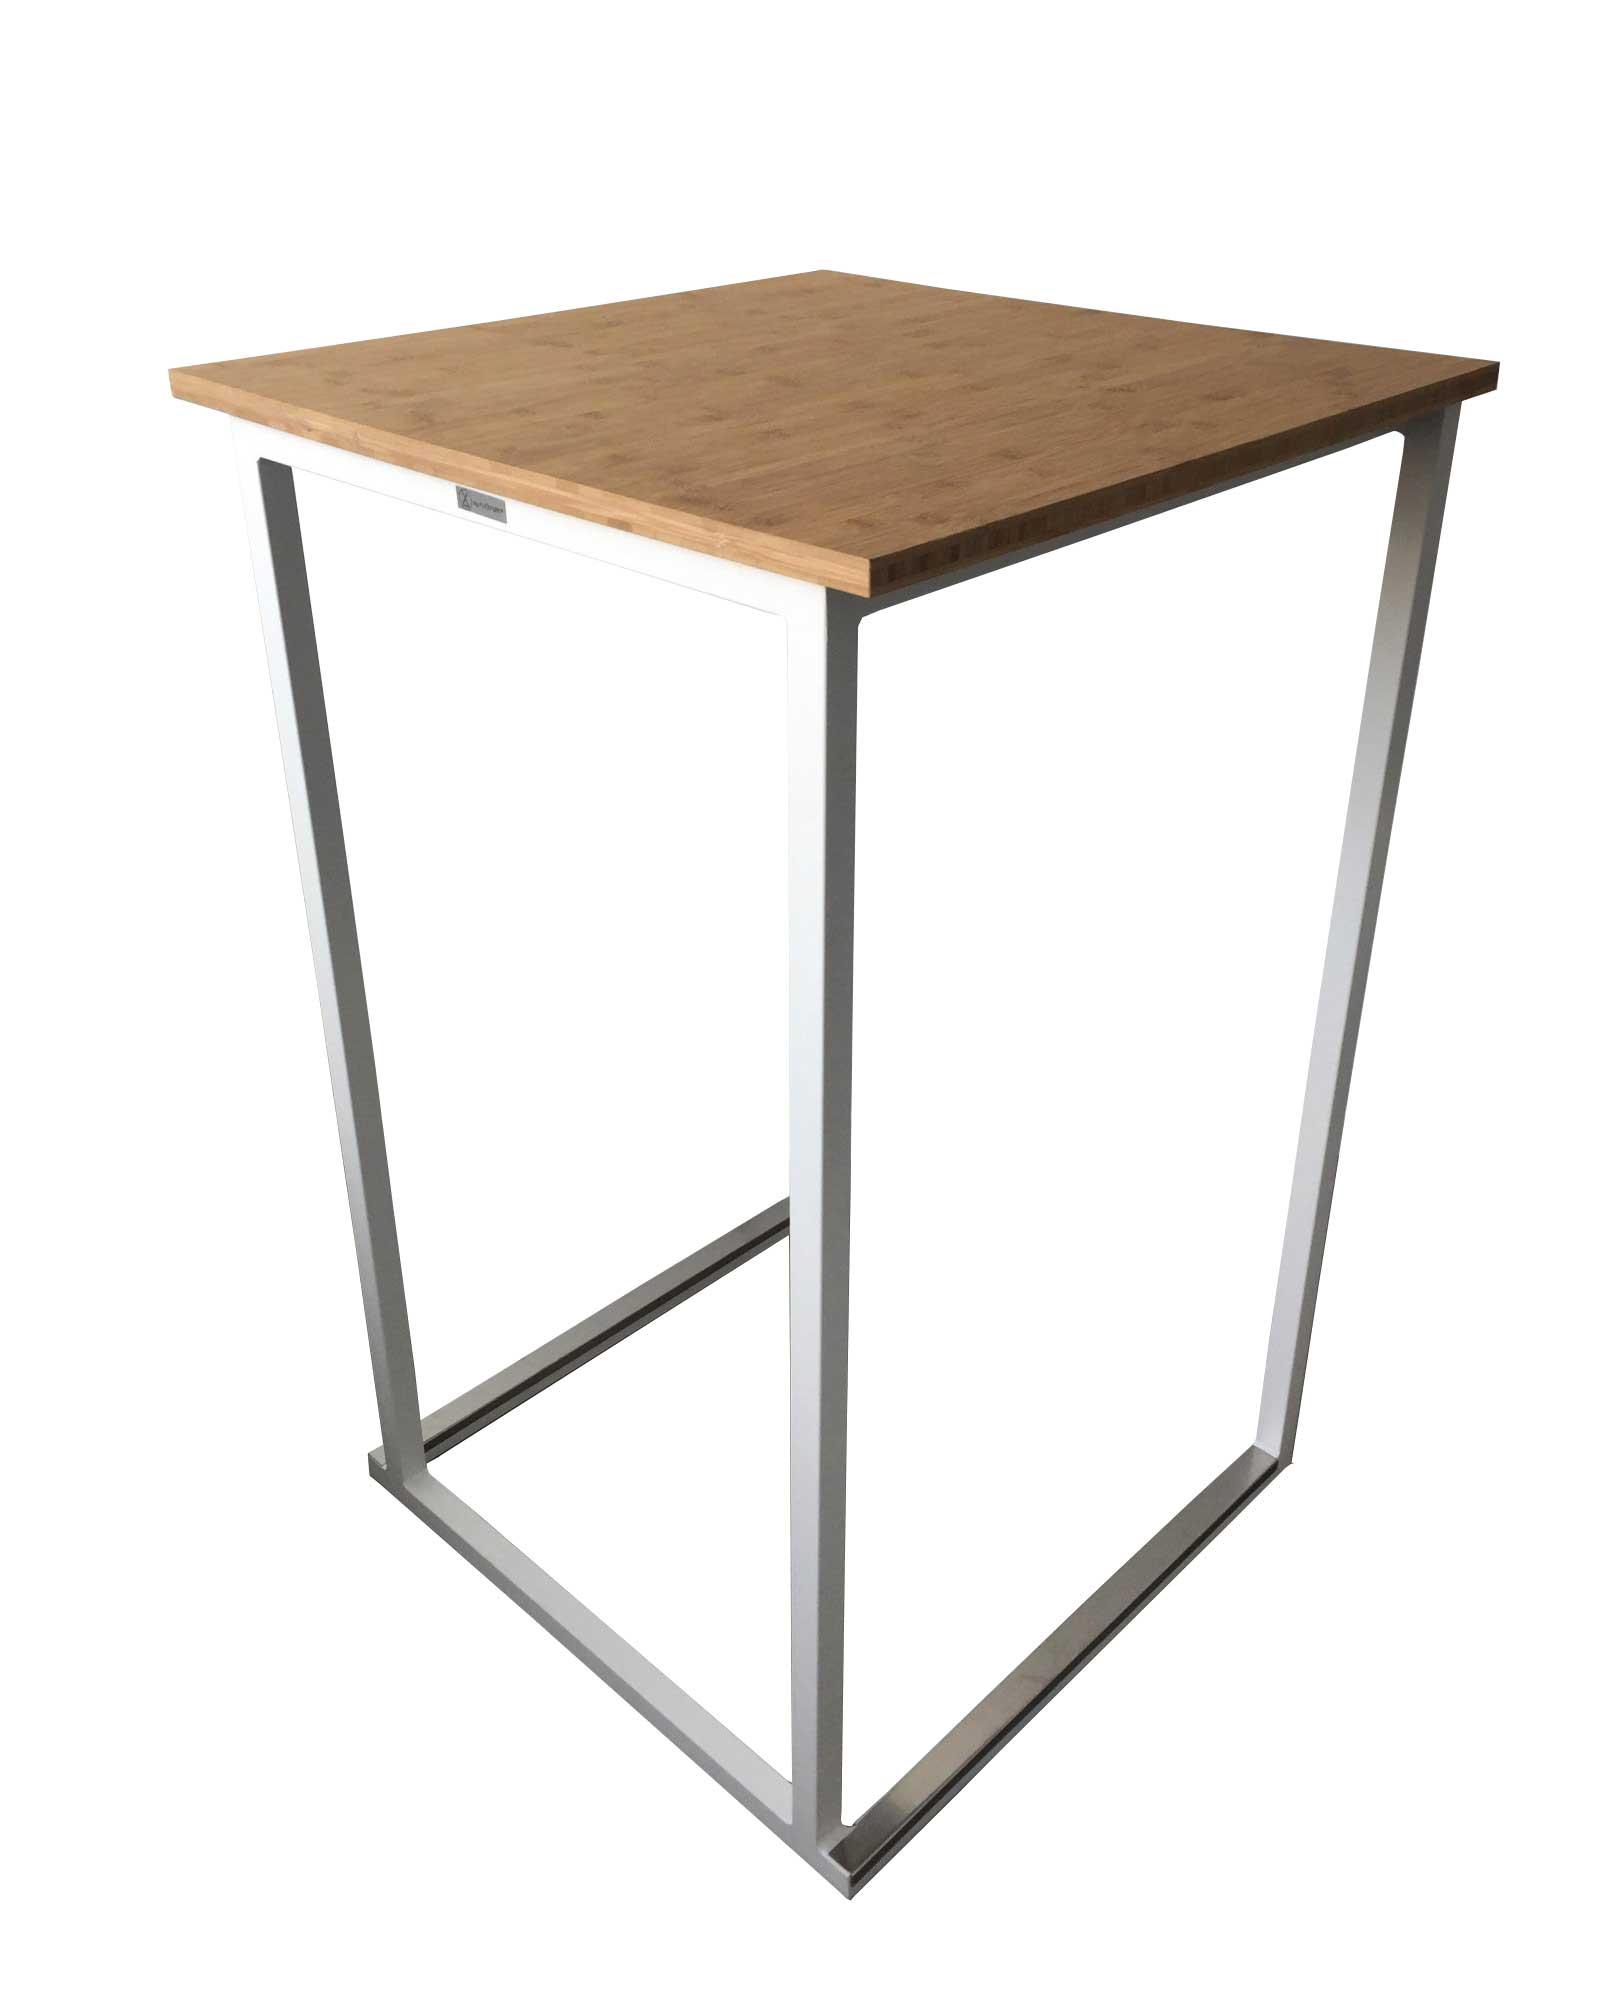 Location de table haute blanche - plateau couleur bois